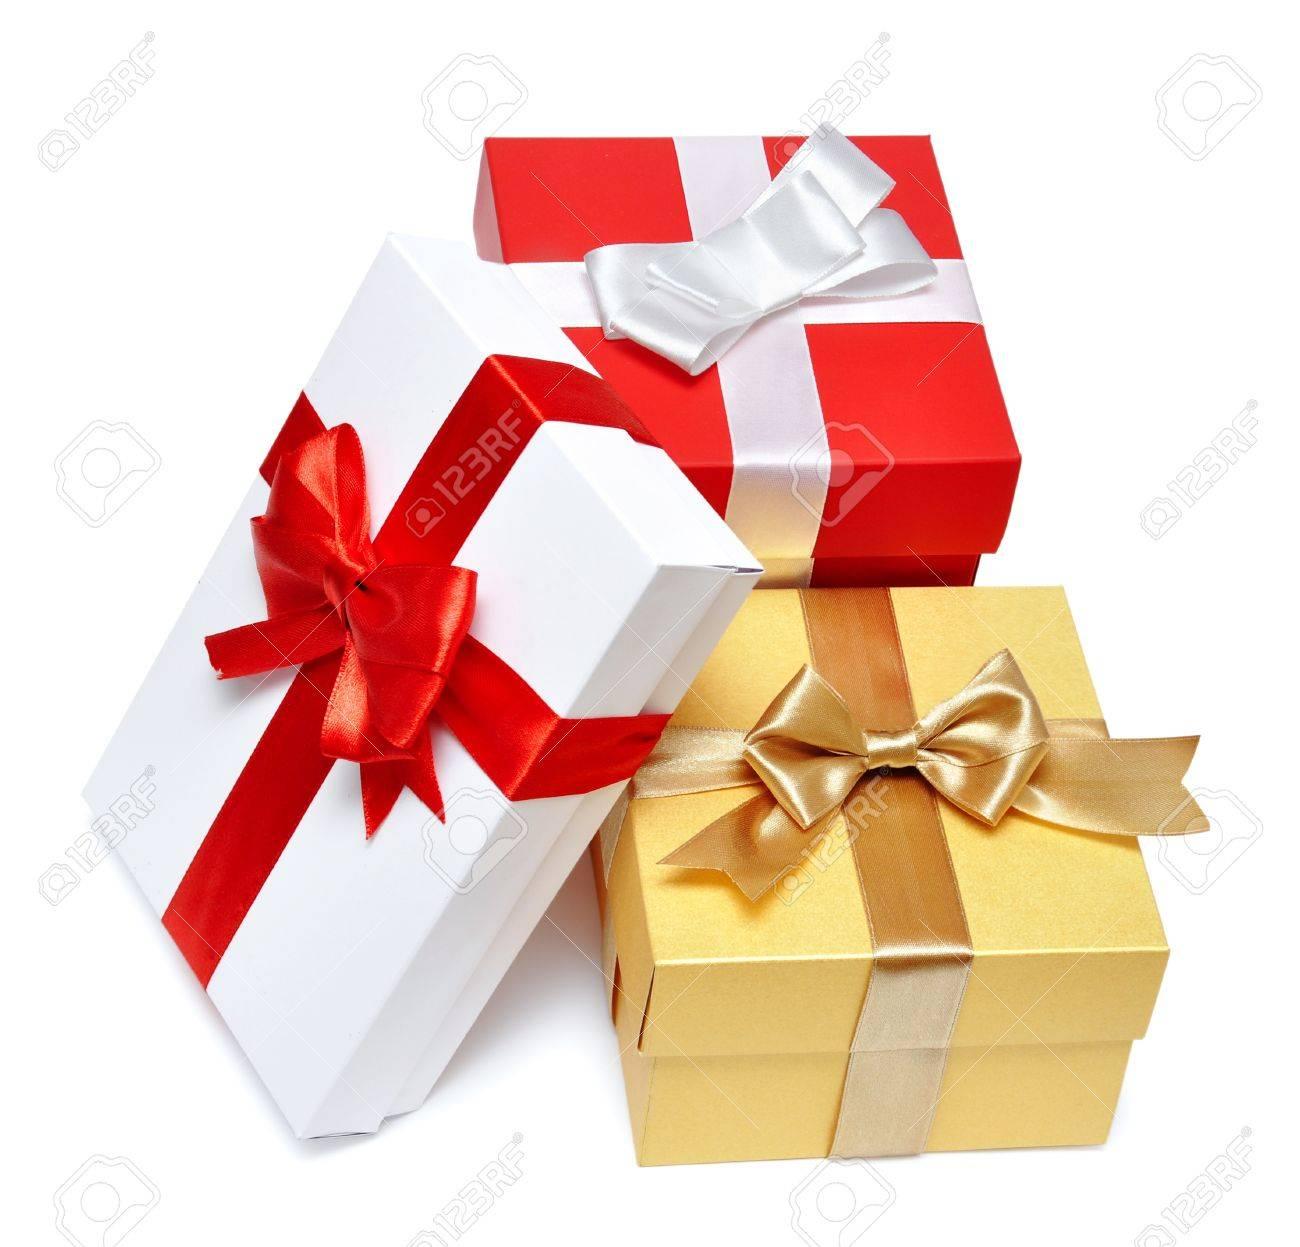 Geschenk boxen urlaub – Frohe Weihnachten in Europa